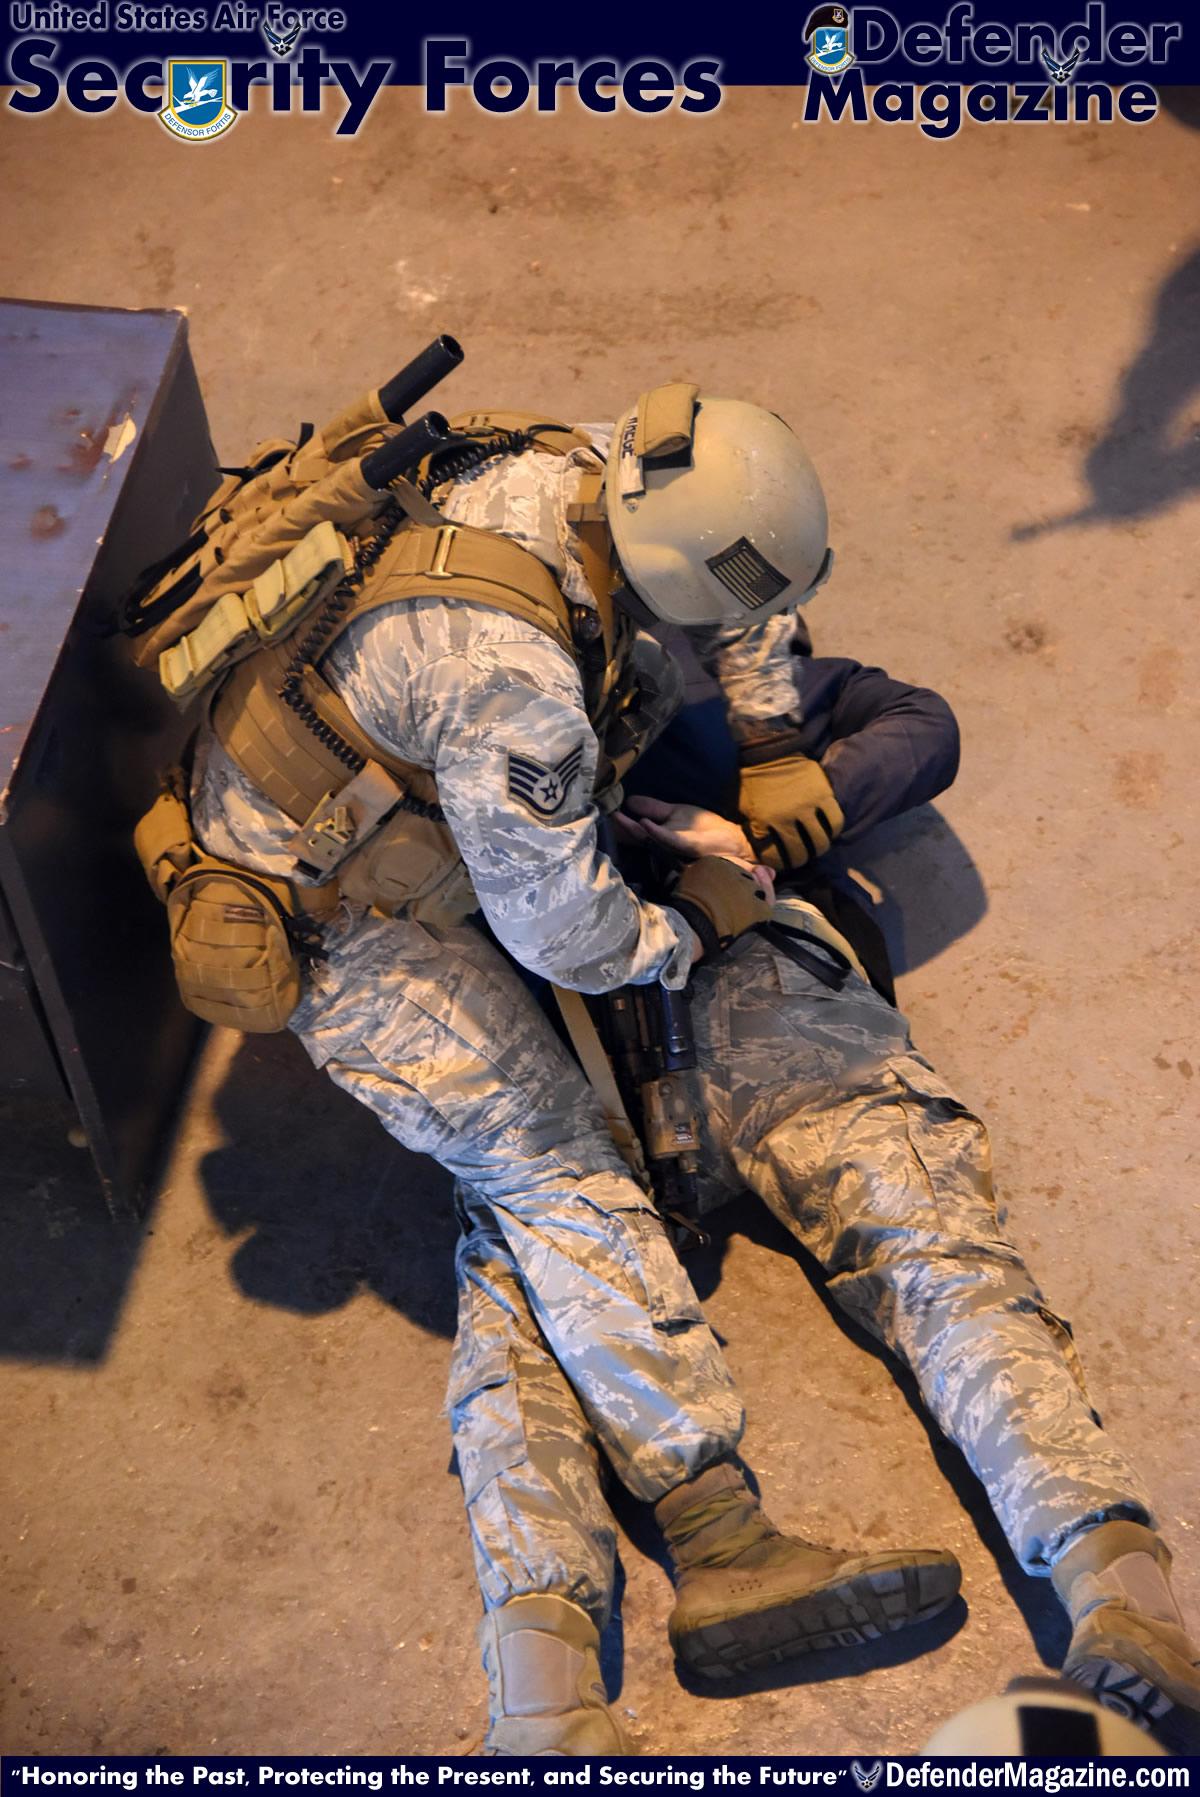 341st Security Forces Group | USAF Defender Magazine